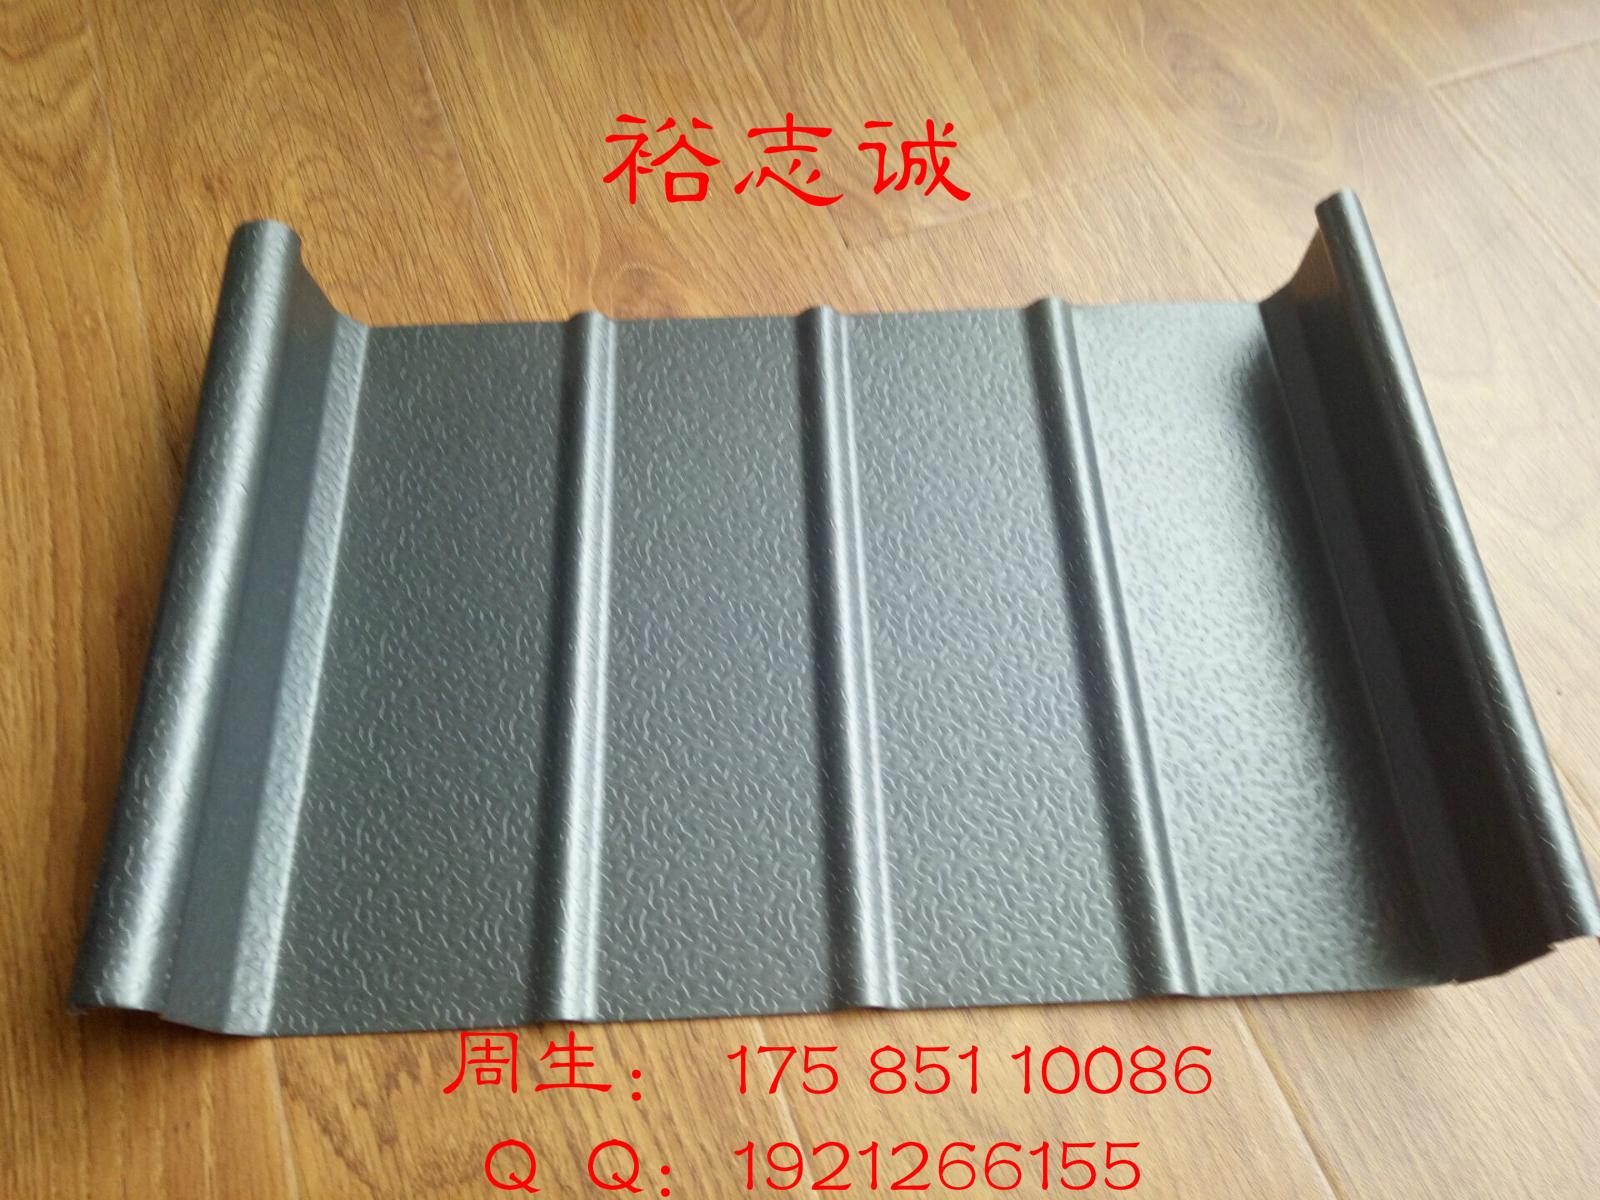 屋面直立锁边系统-铝镁锰板   贵州兴义铝镁锰板65-430 贵州凯里铝镁锰板65-430